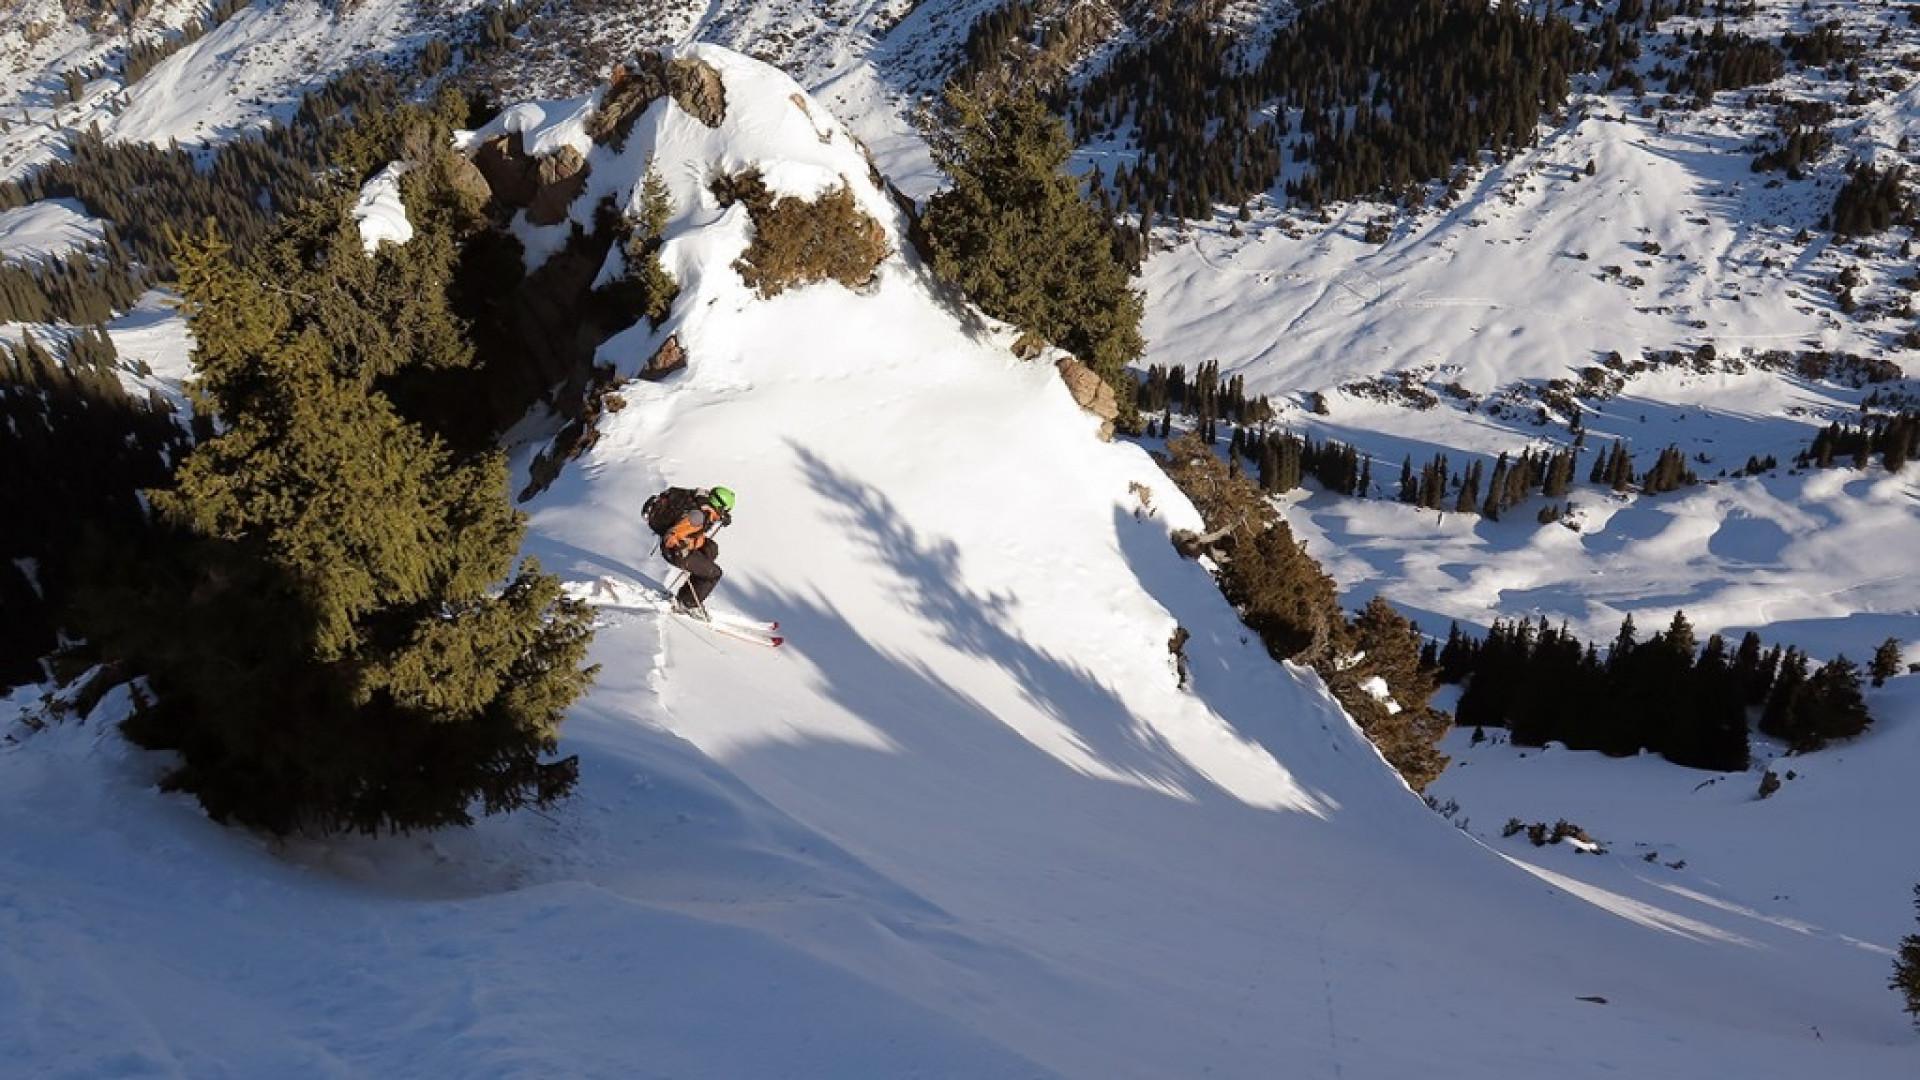 Crosscountry skiier in Kyrgyzstan